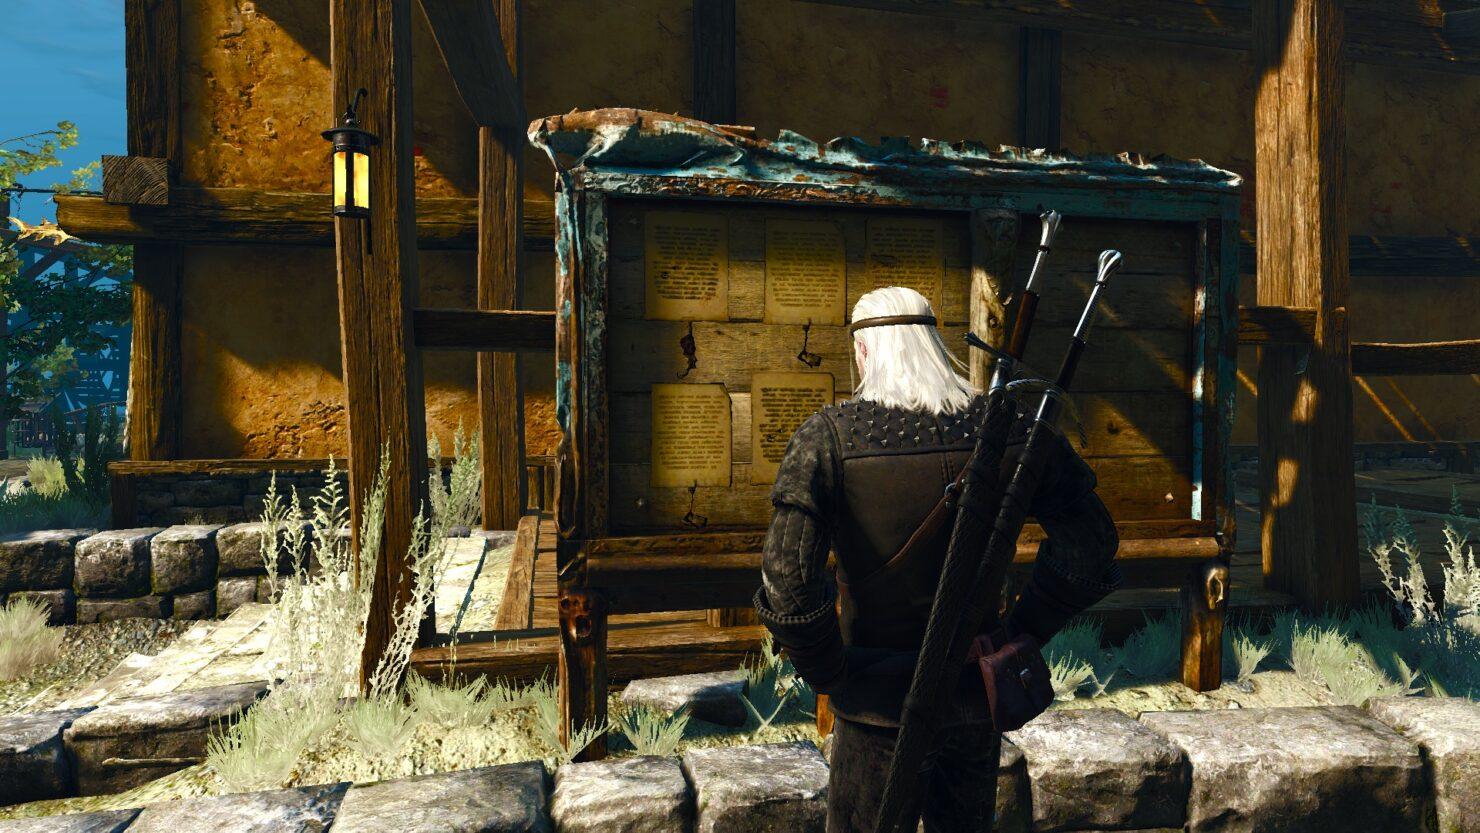 witcher-3-armor-mod-4